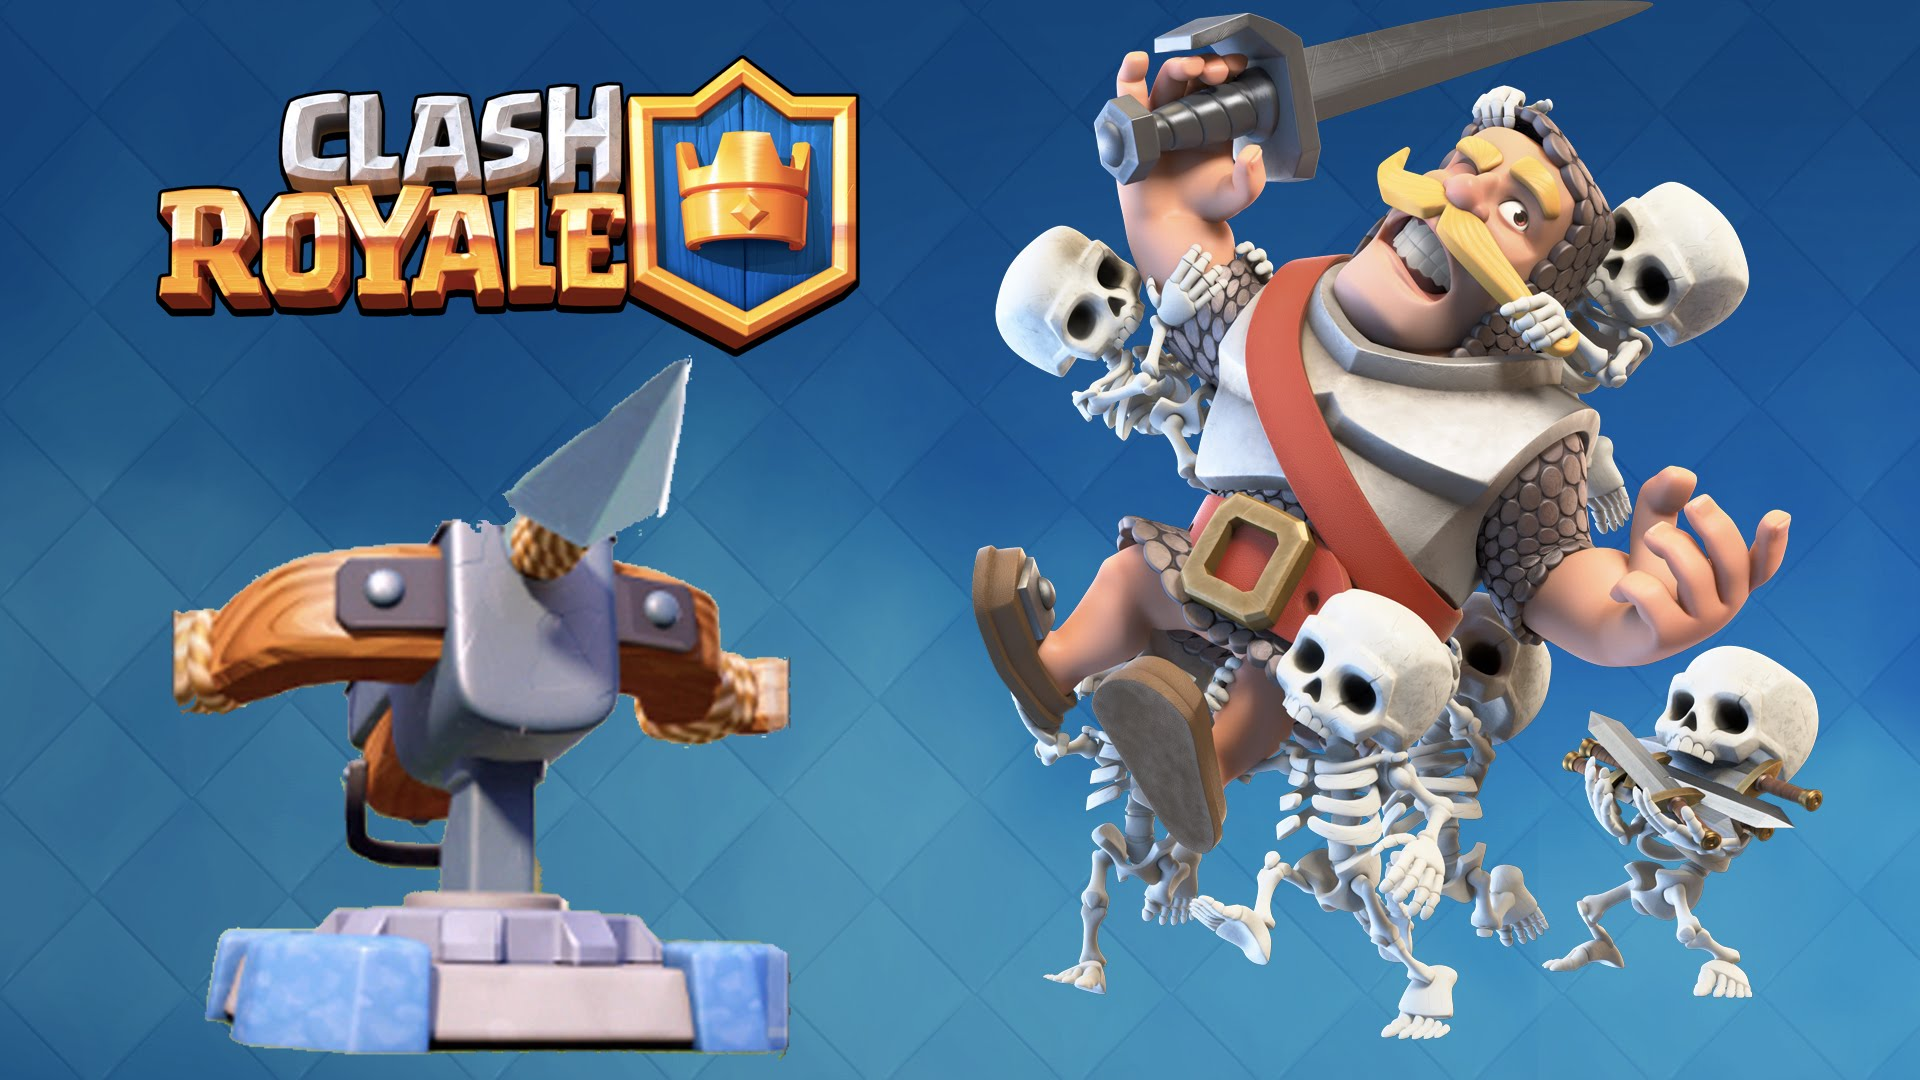 Acquista il rimborso su Clash Royale 2